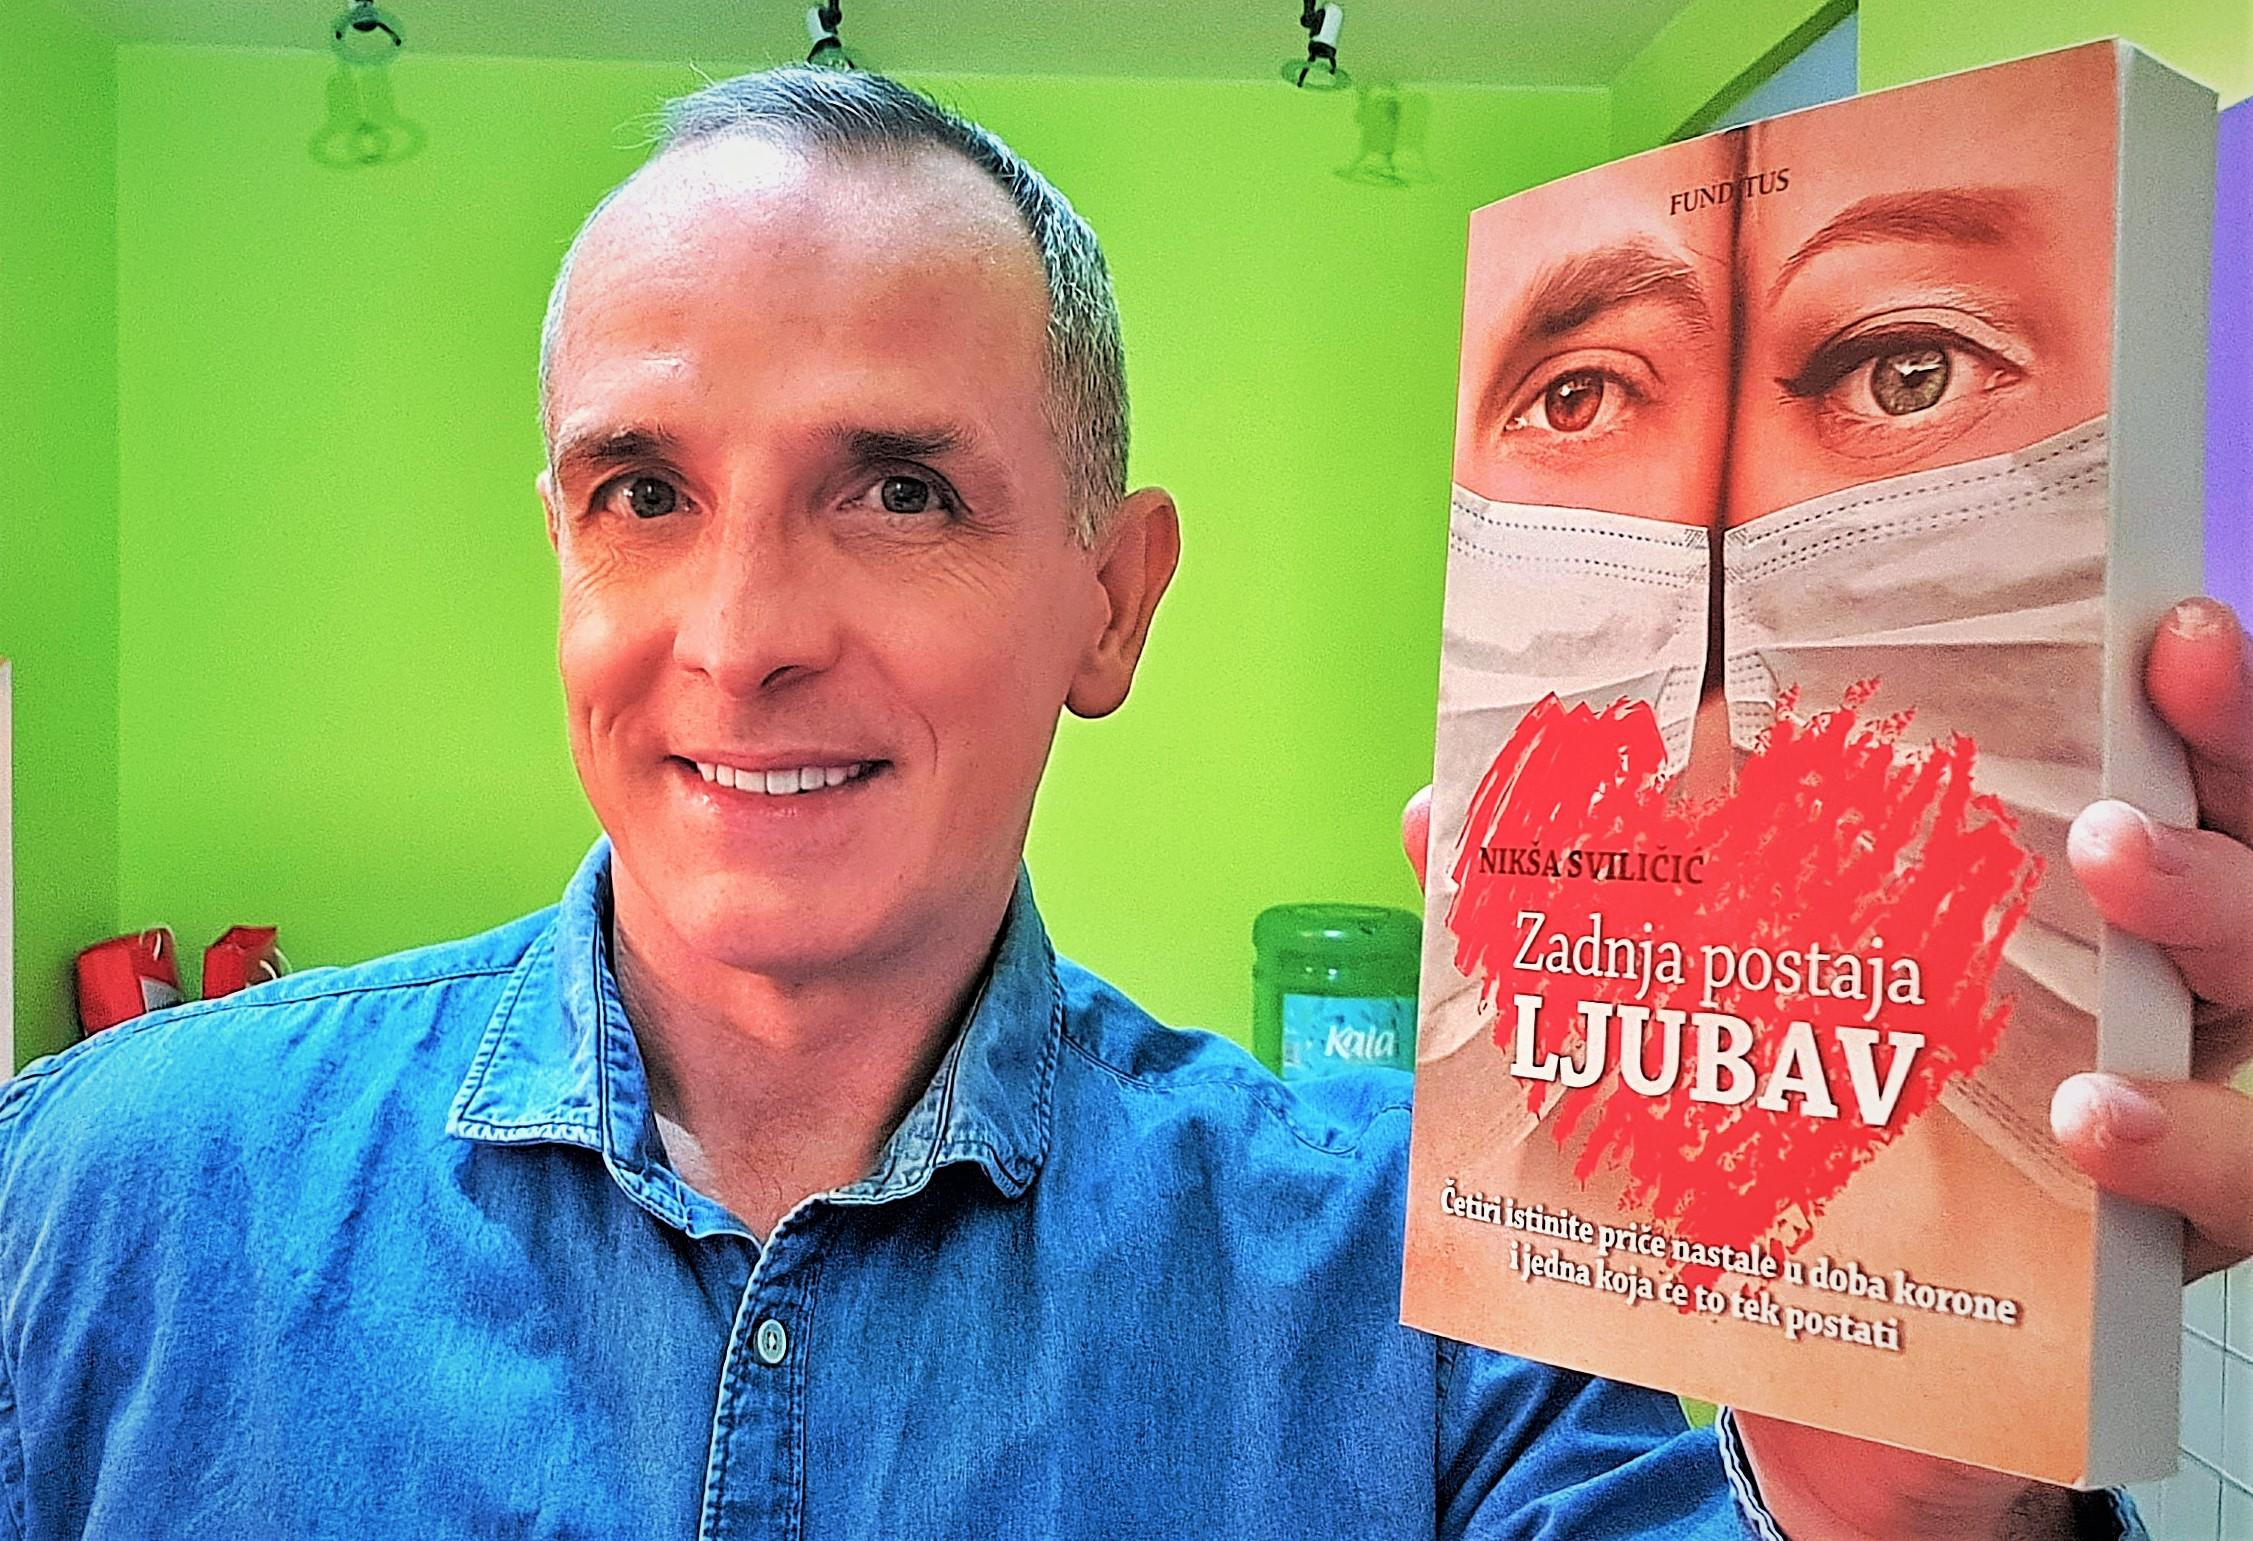 """Razgovor sa sveučilišnim profesorom i piscem Nikšom Sviličićem, povodom izlaska njegovog novog romana """"Posljednja postaja Ljubav"""""""